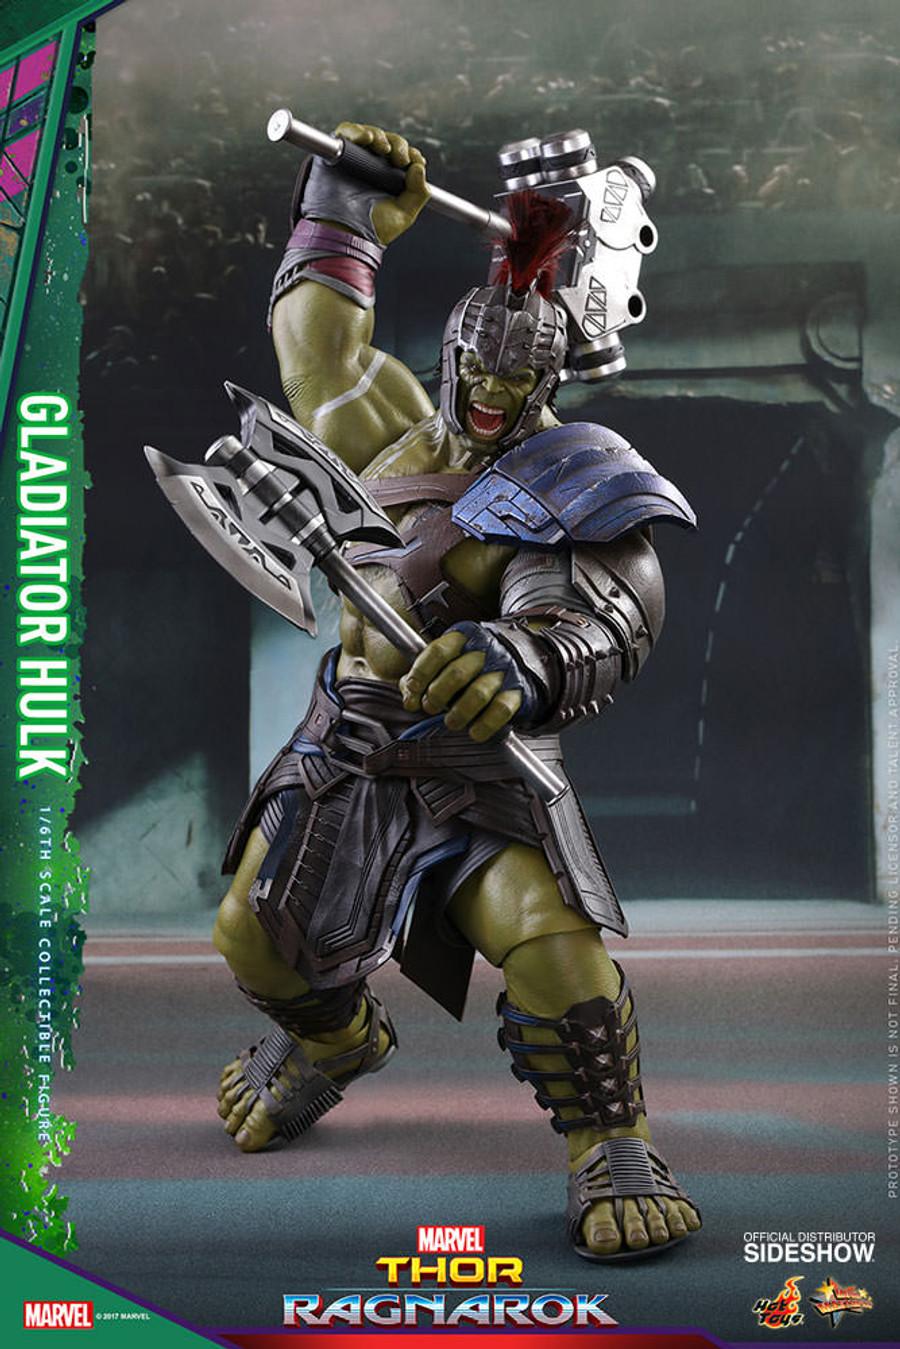 Hot Toys - Thor: Ragnarok - Gladiator Hulk